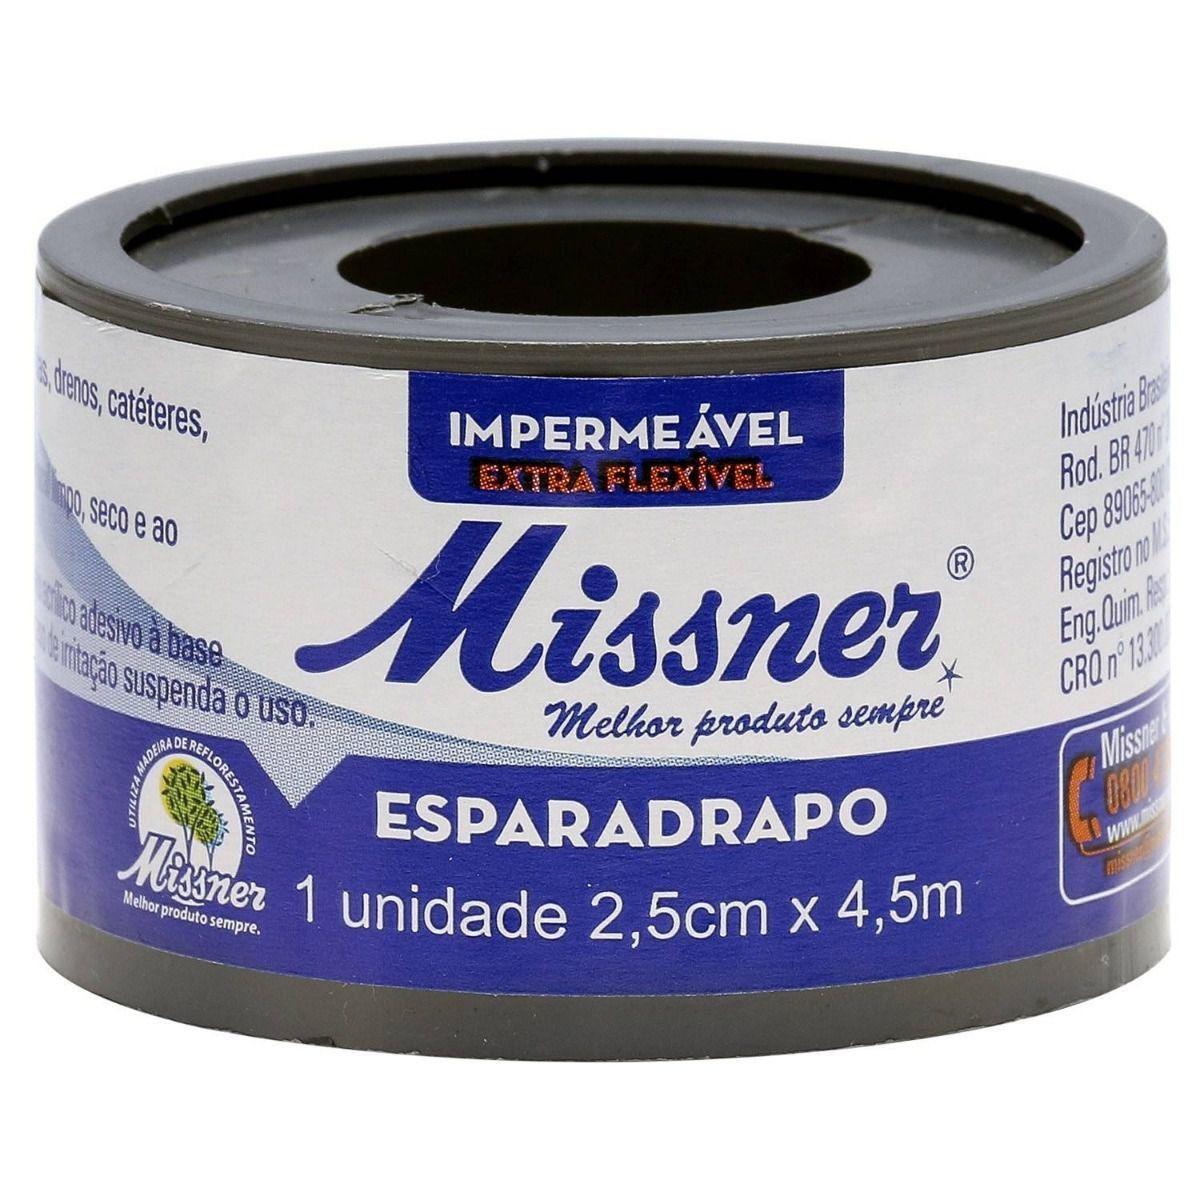 Esparadrapo Impermeavel Missner 2,5CM X 4,5M